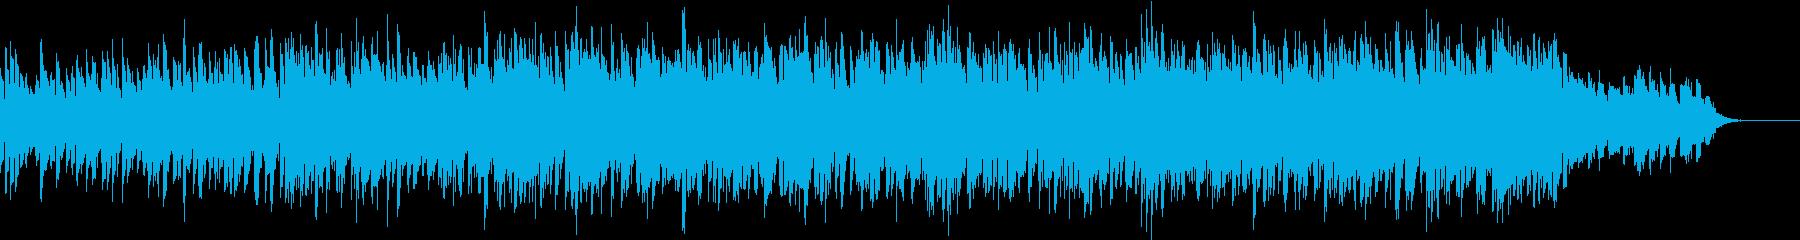 道を切り開くイメージのエレクトロの再生済みの波形